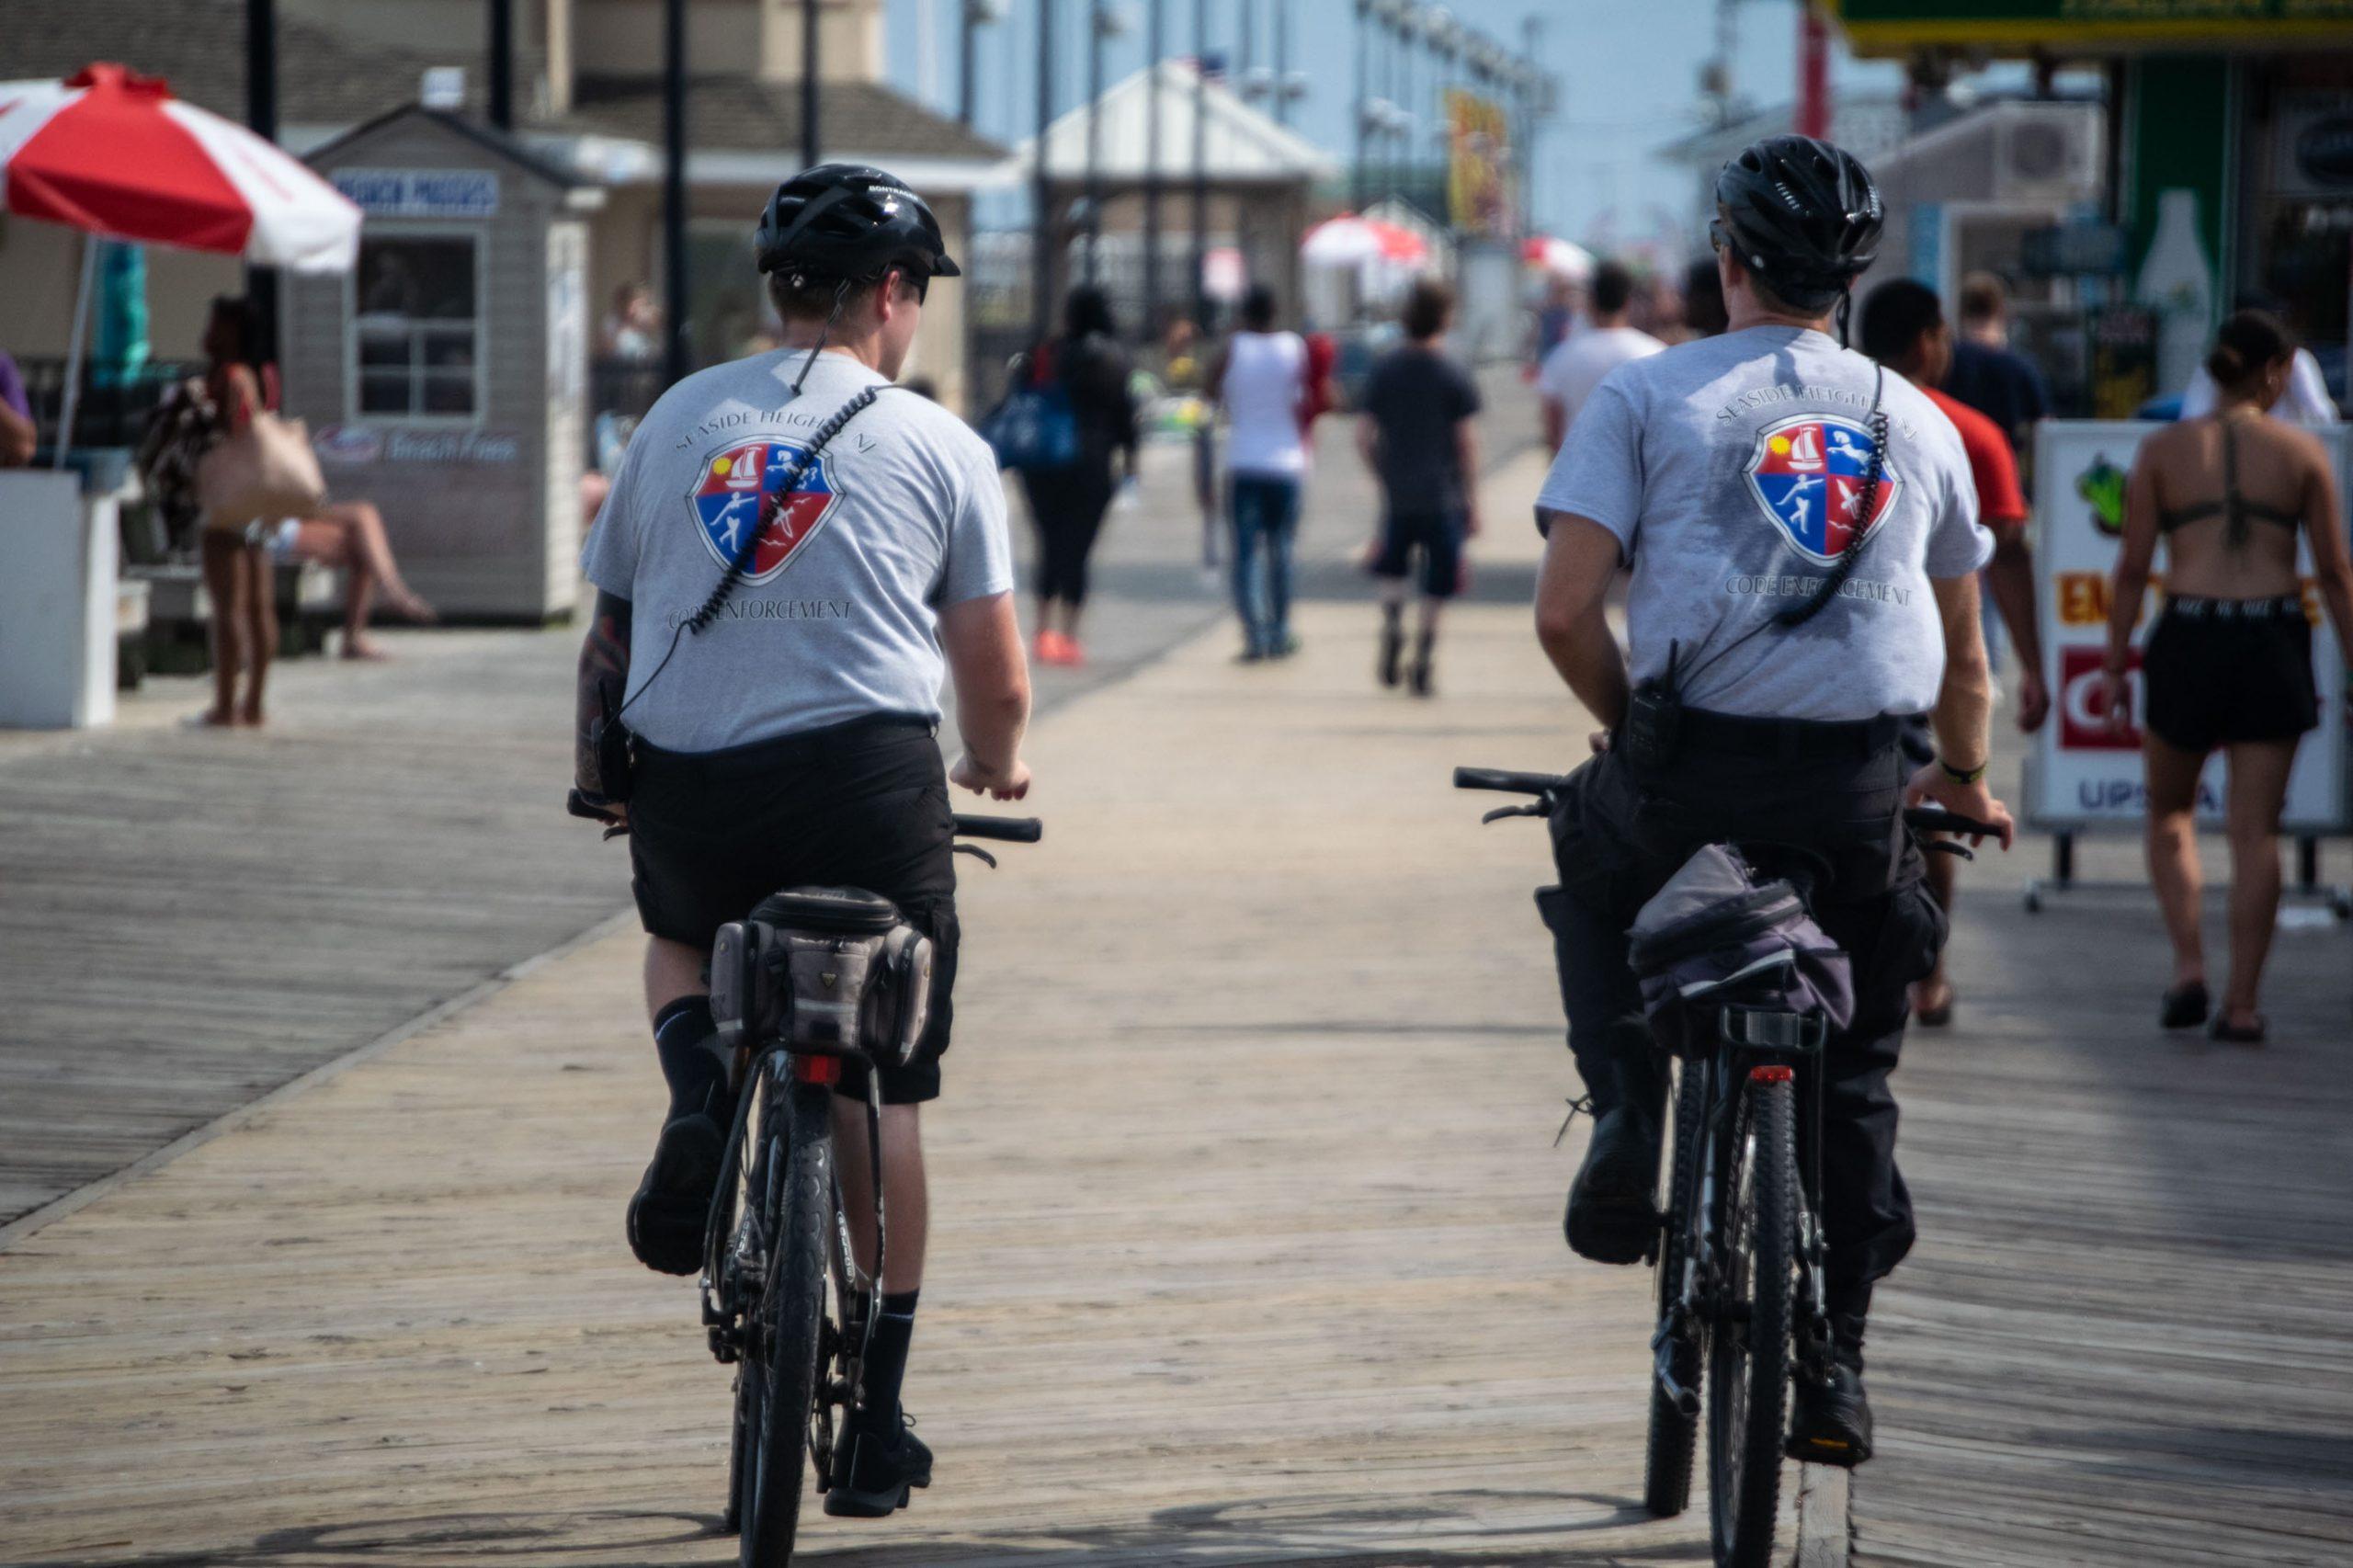 Seaside Heights Code Enforcement officers ride along the boardwalk, July 2020. (Photo: Daniel Nee)